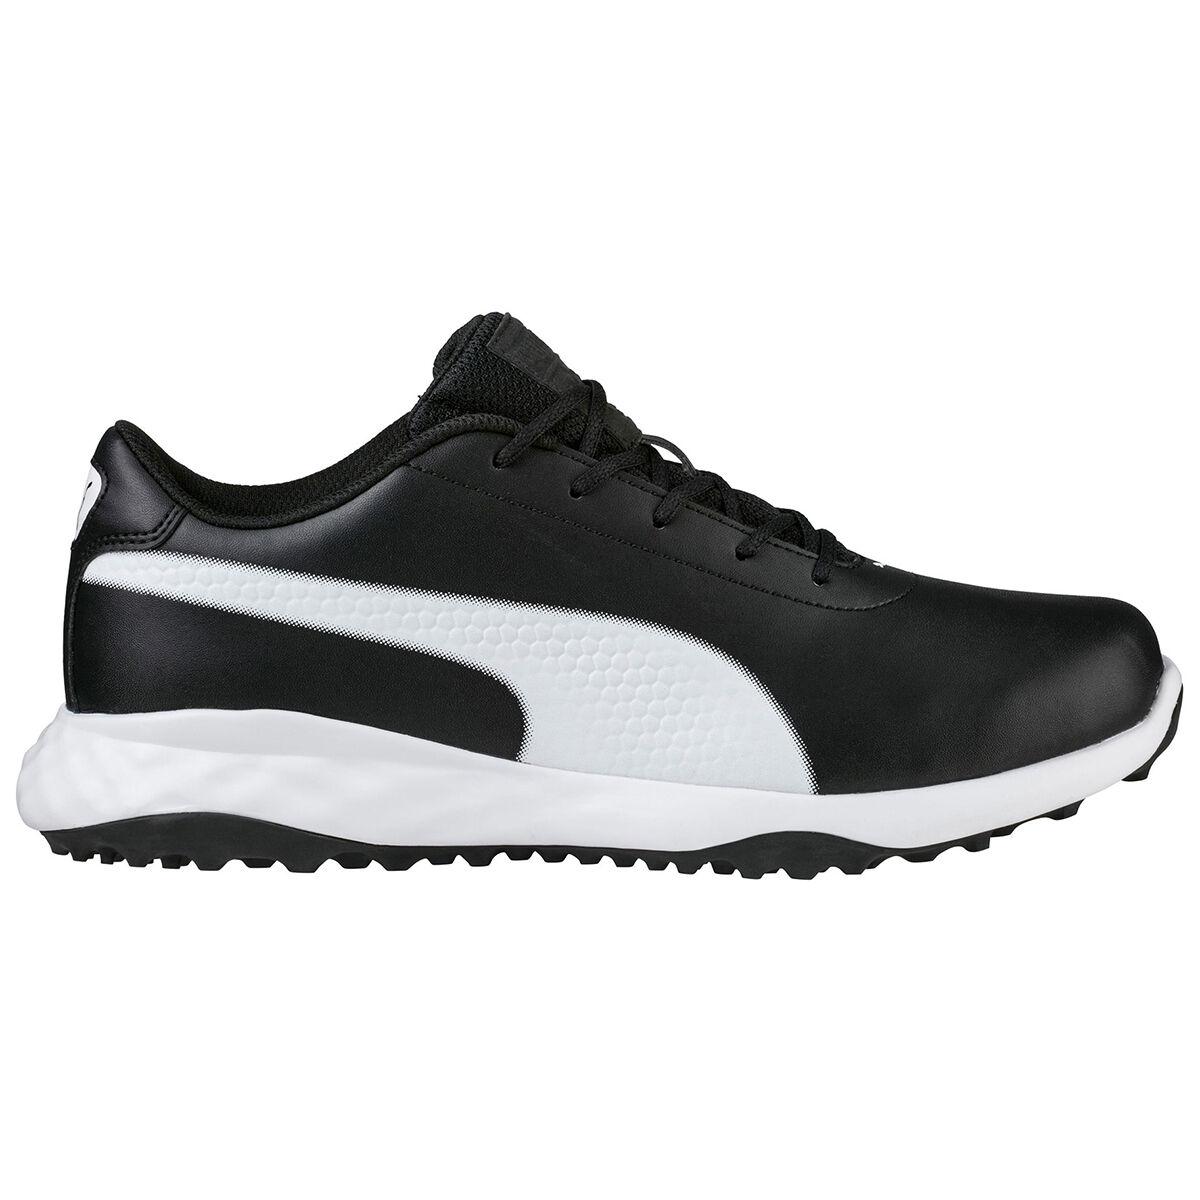 le scarpe puma